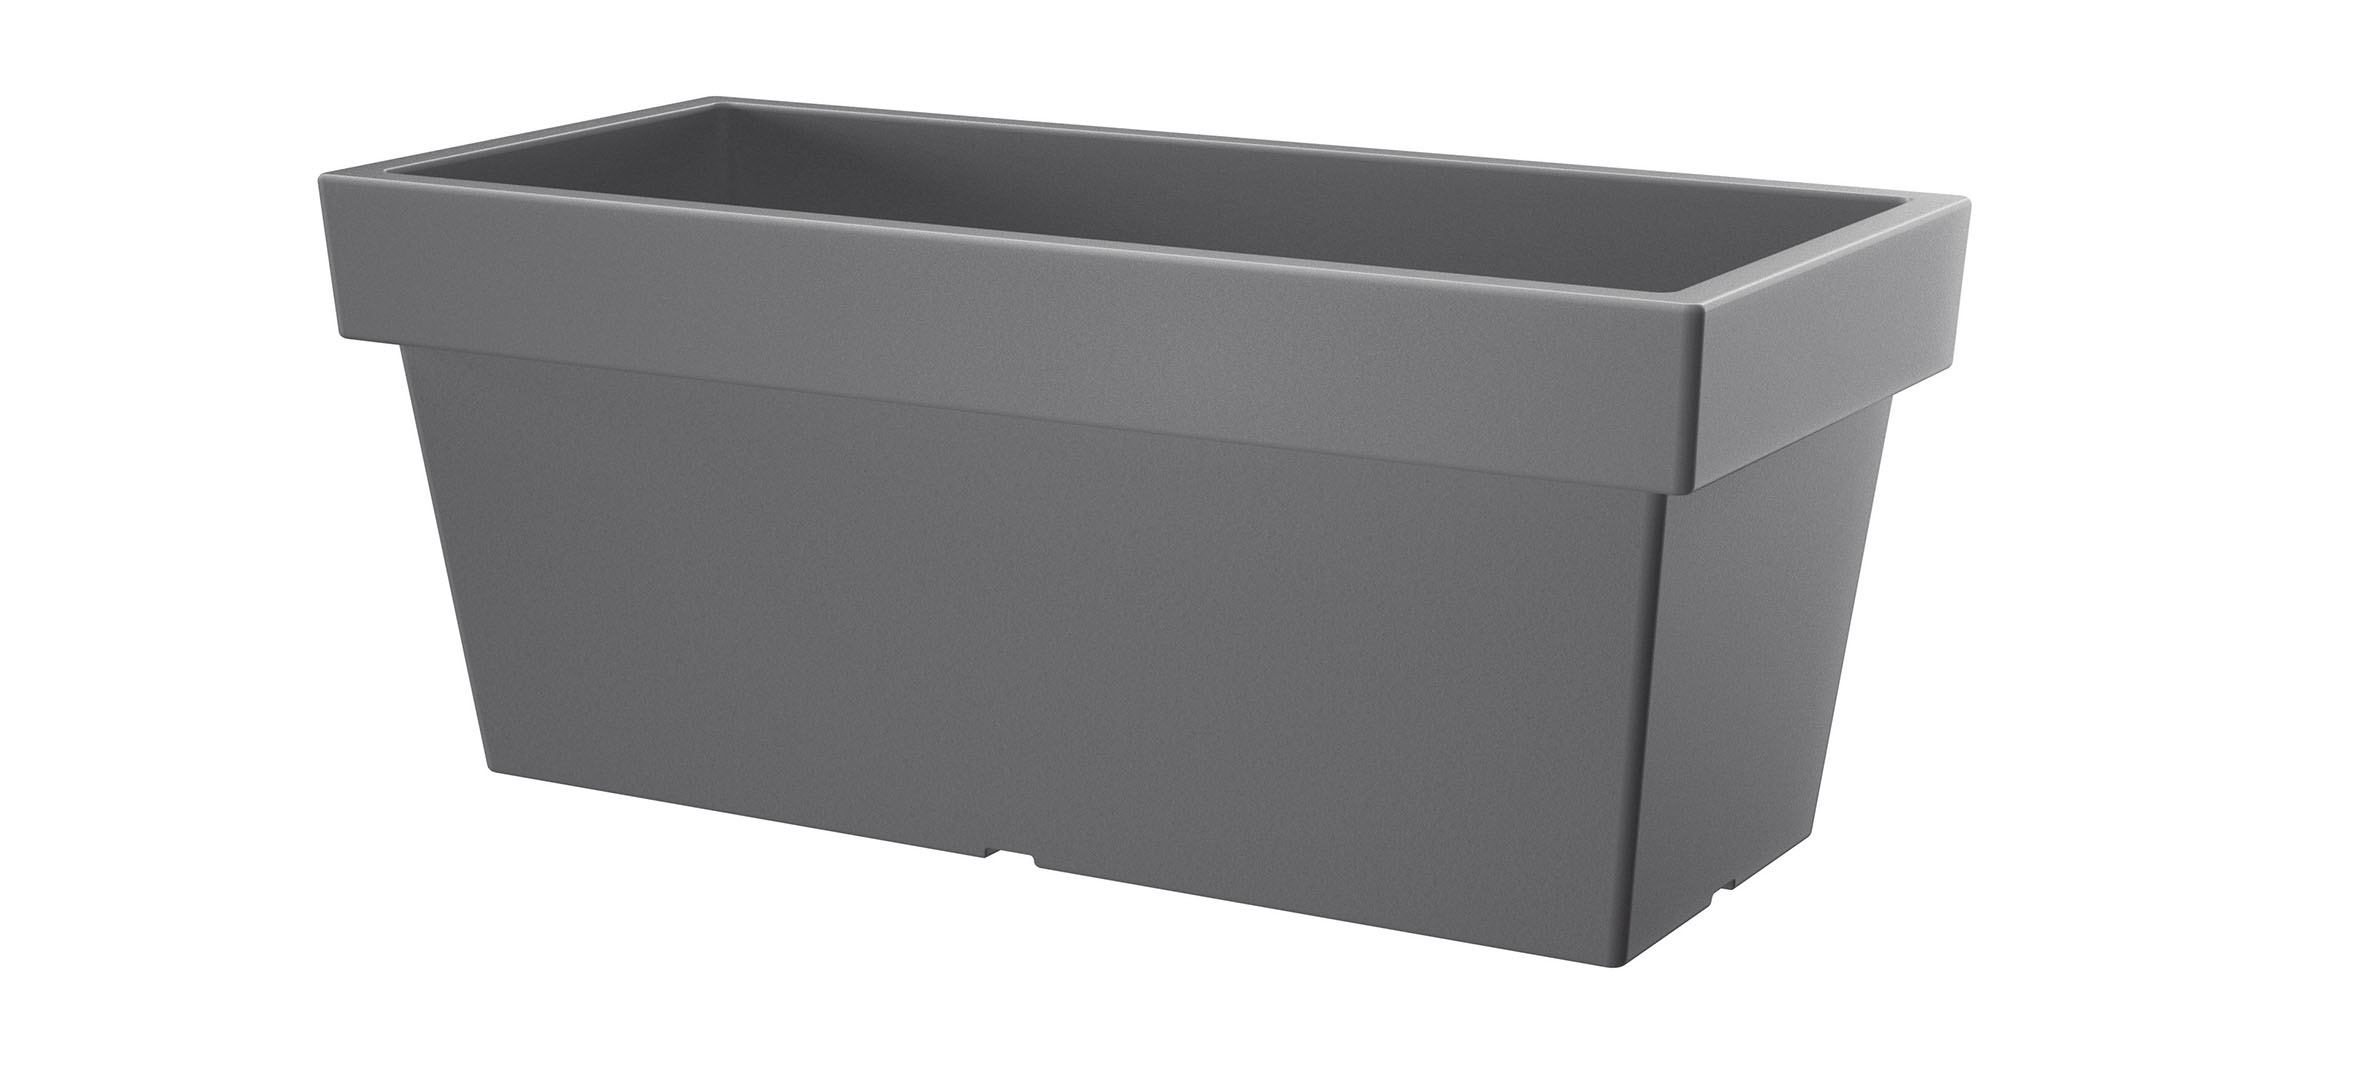 PROSPERPLAST Truhlík LOFLY CASE šedý kámen 79,2 cm